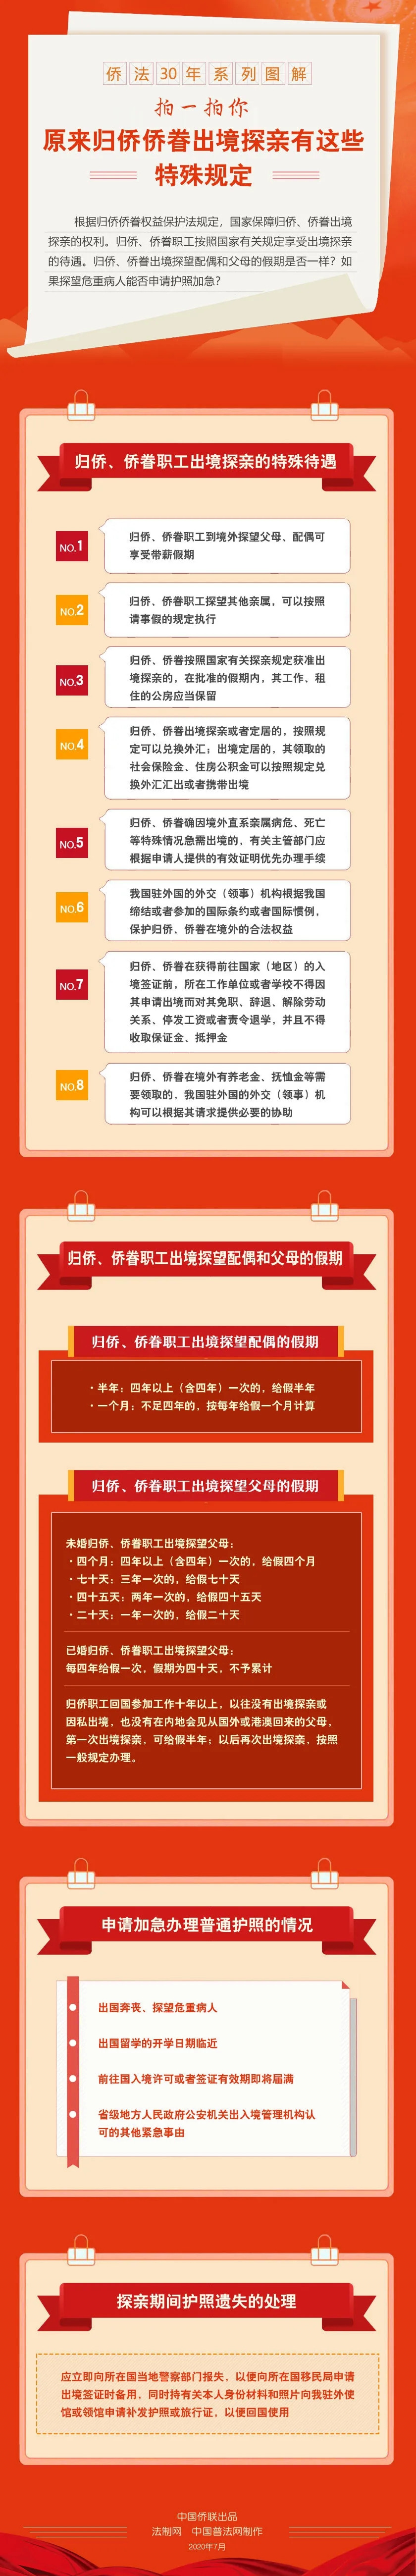 侨法30年系列图解(三).jpg